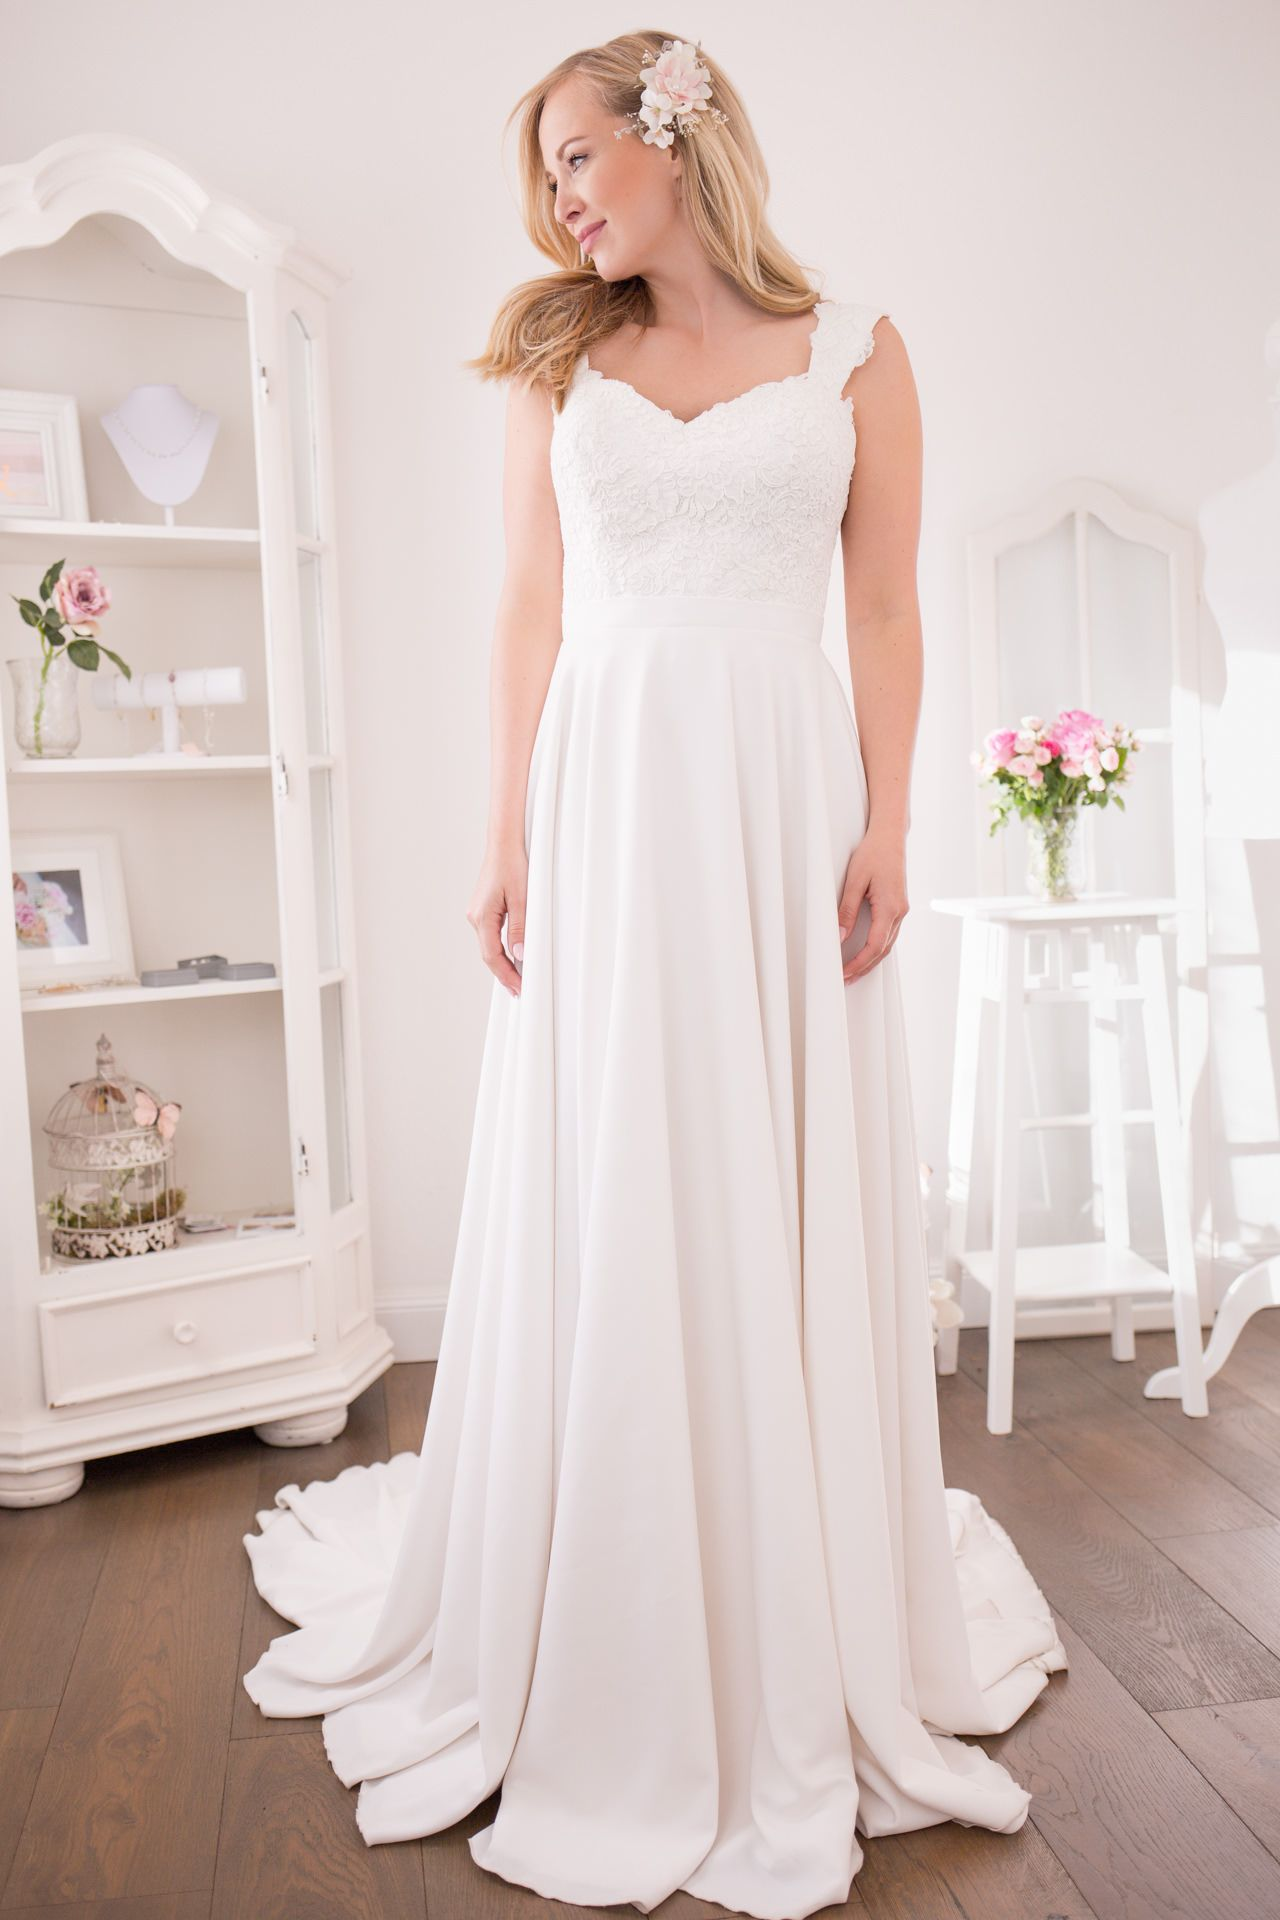 Schwedische Brautkleider zum Mitdesignen  Hochzeitskleid